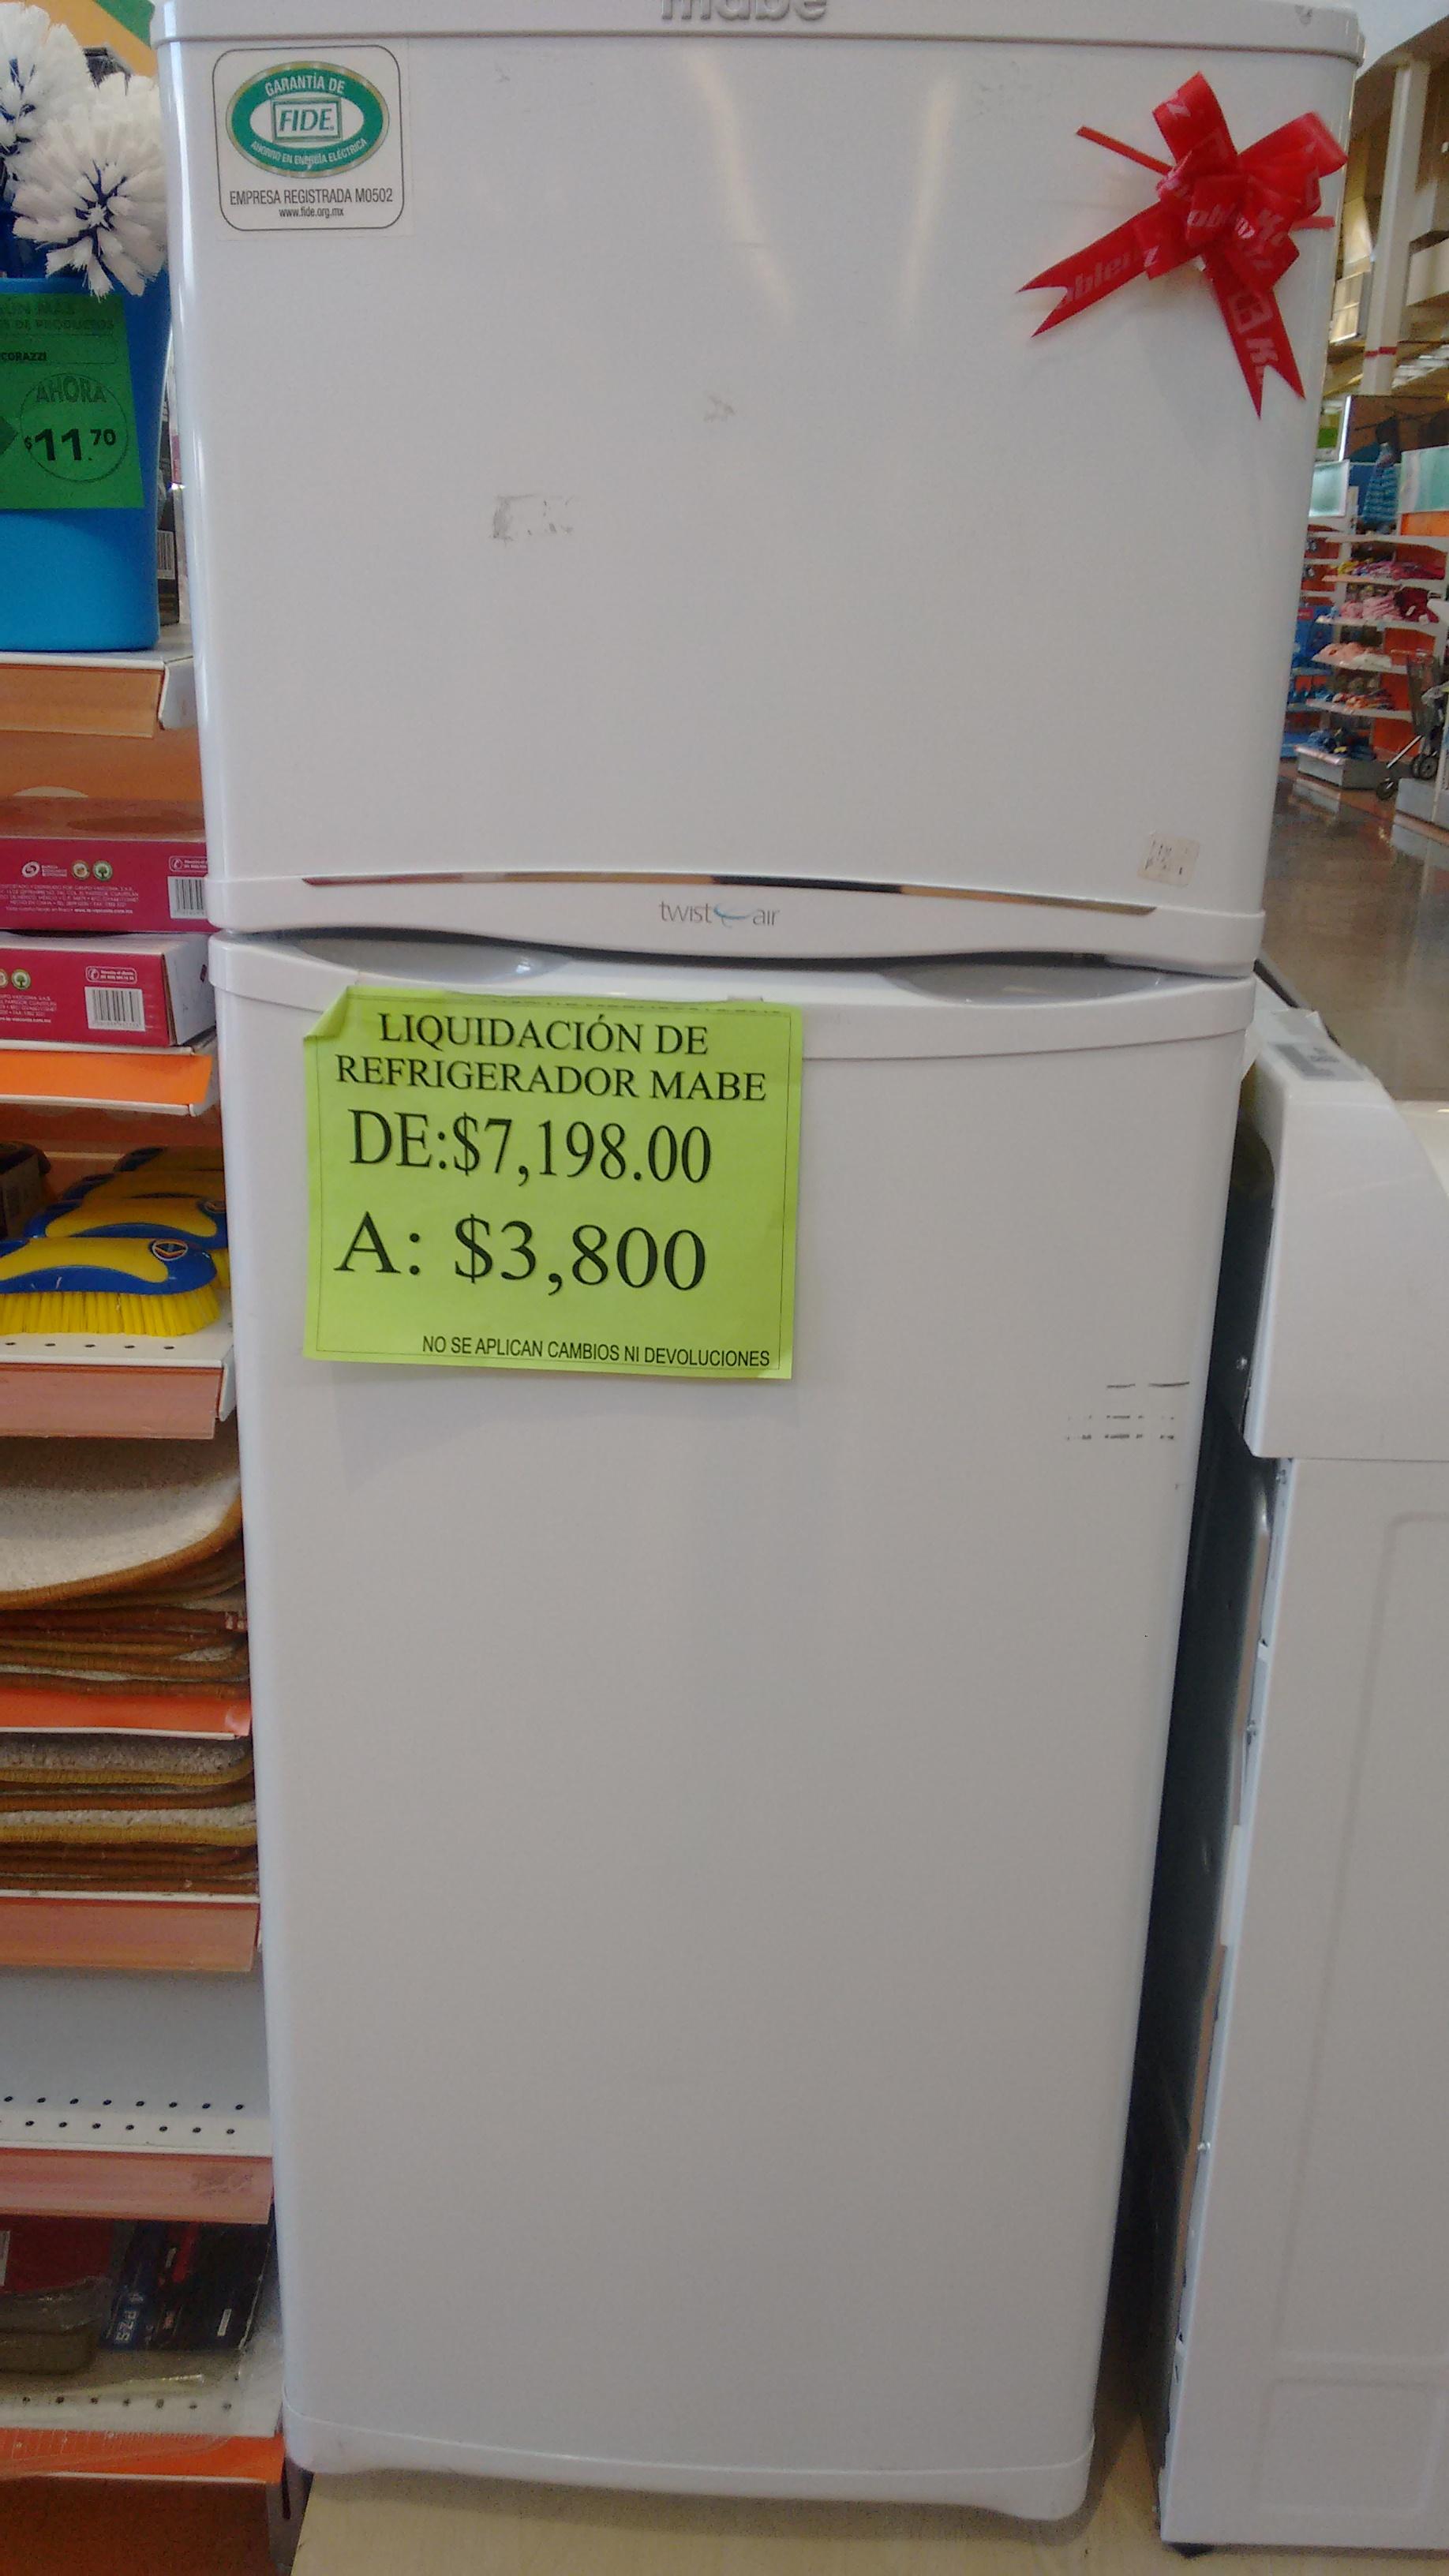 La Comer: Refrigerador Mabe 9 pies a $3,800